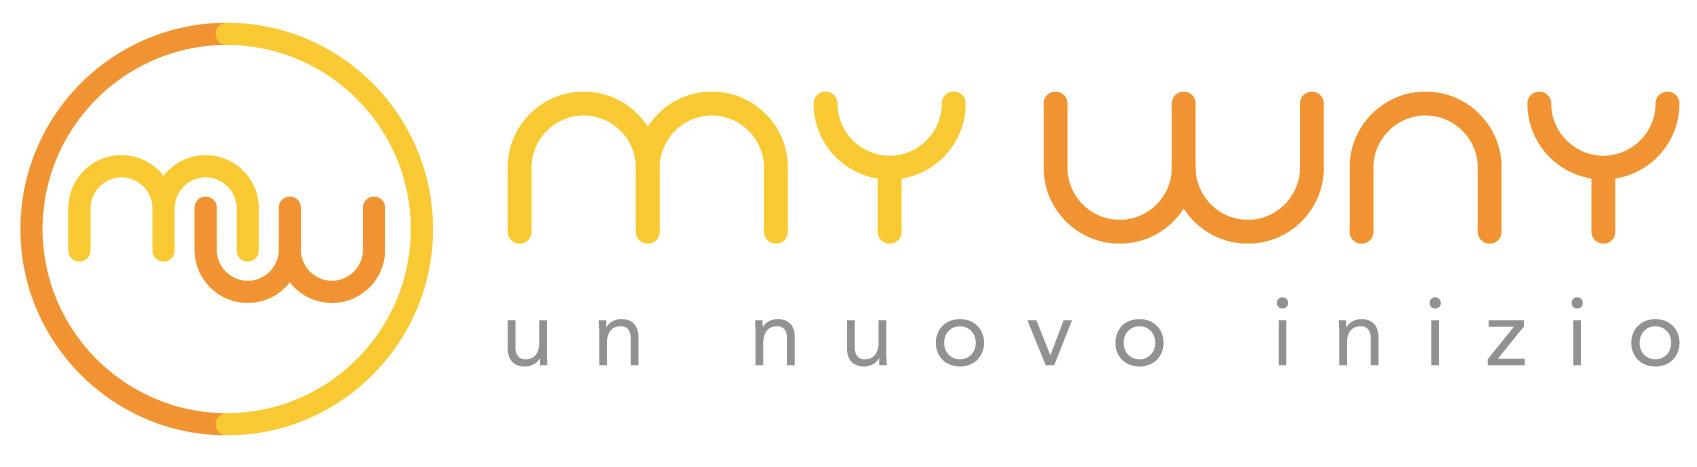 My Way | Psicoterapia | Centro psichiatrico | Psichiatria | Bellinzona | Ticino